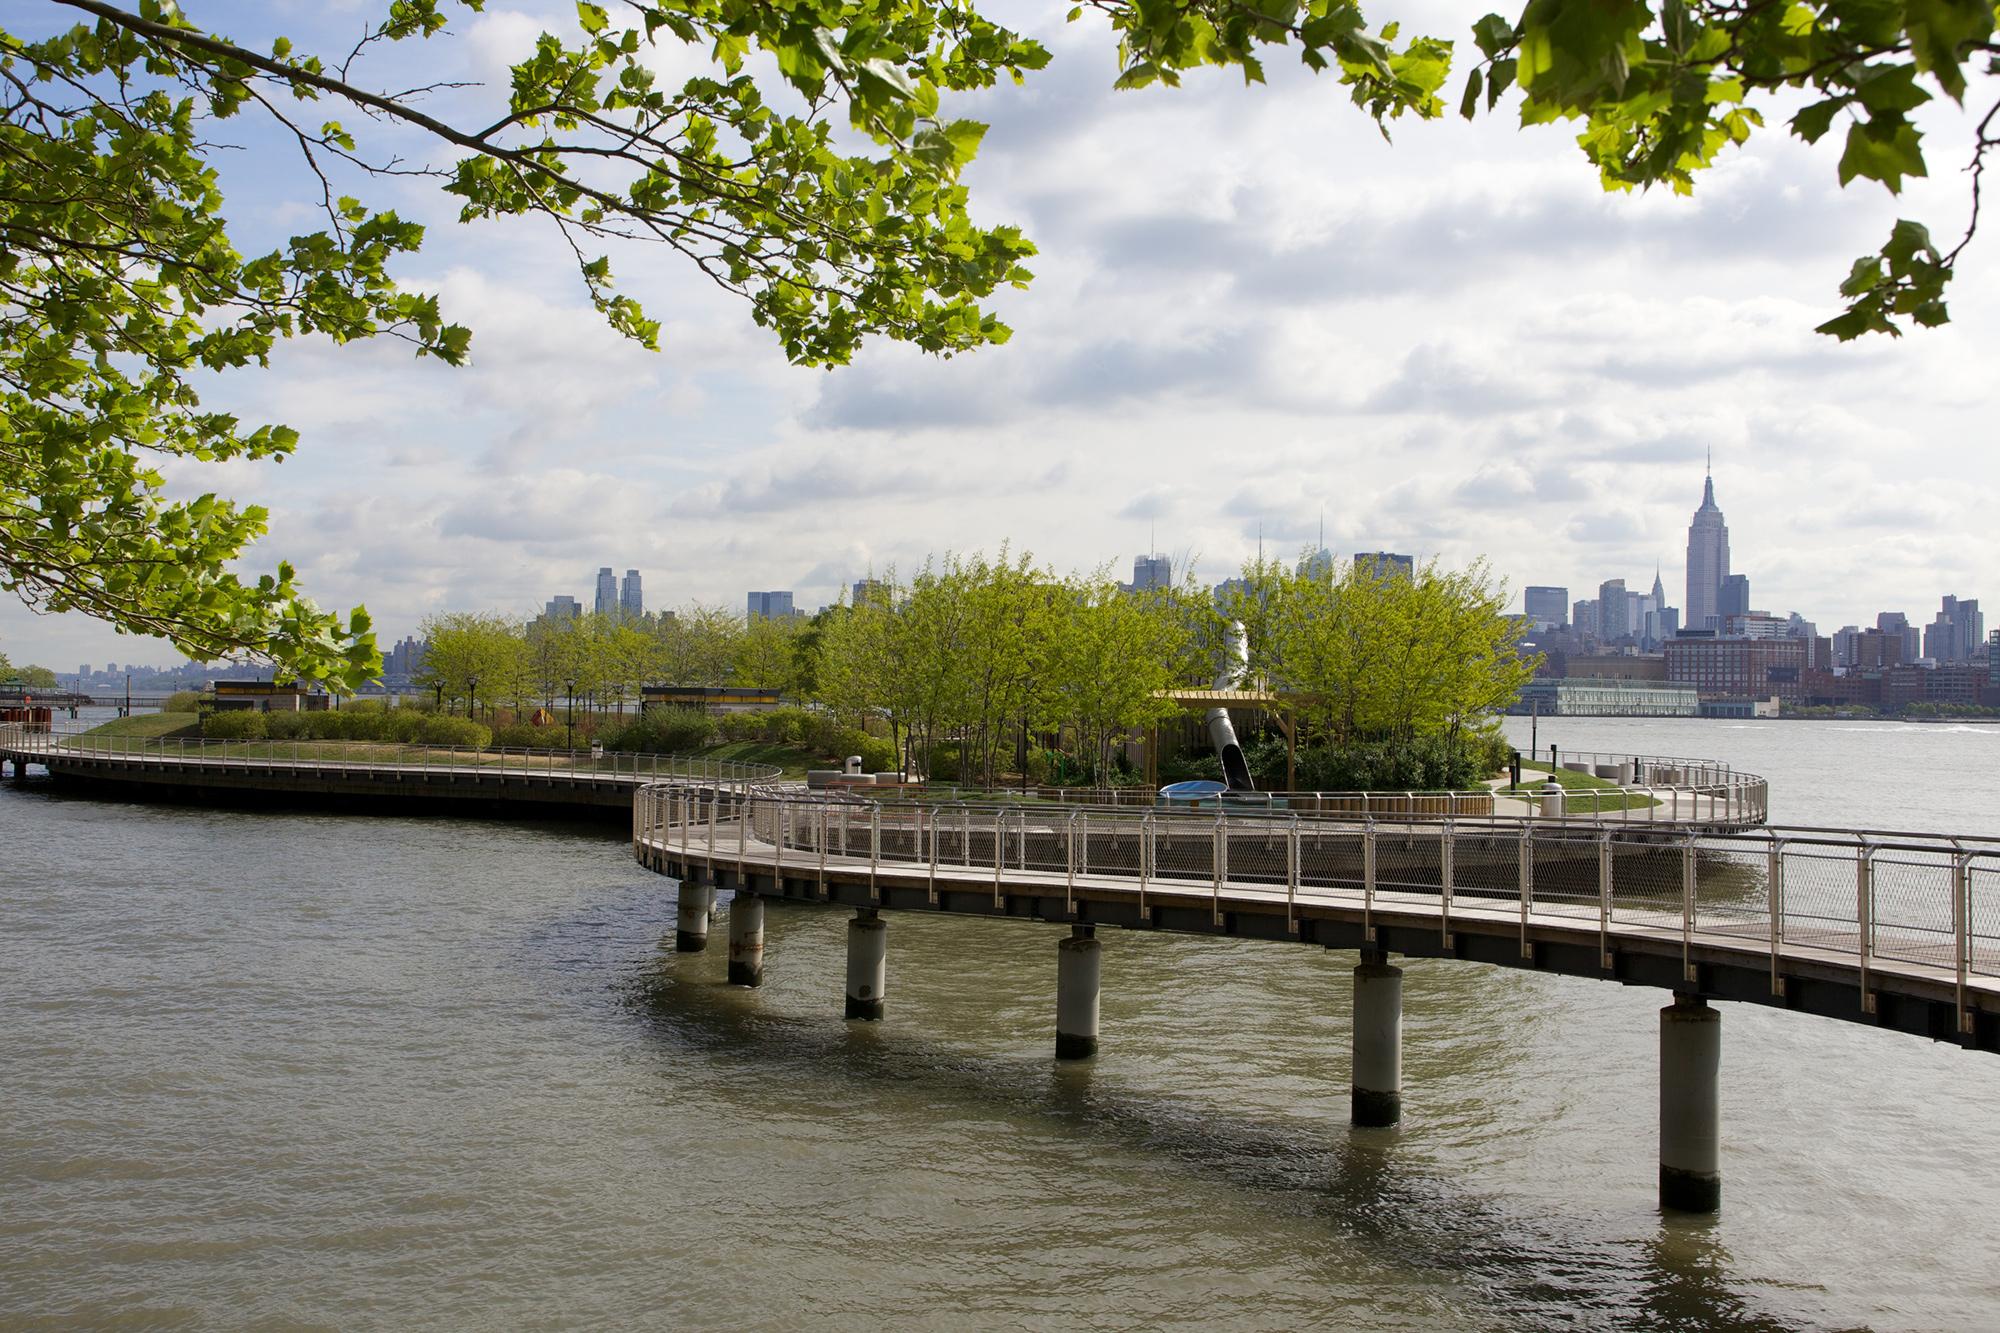 Planting Contractor - Children's Park in Hoboken, NJ